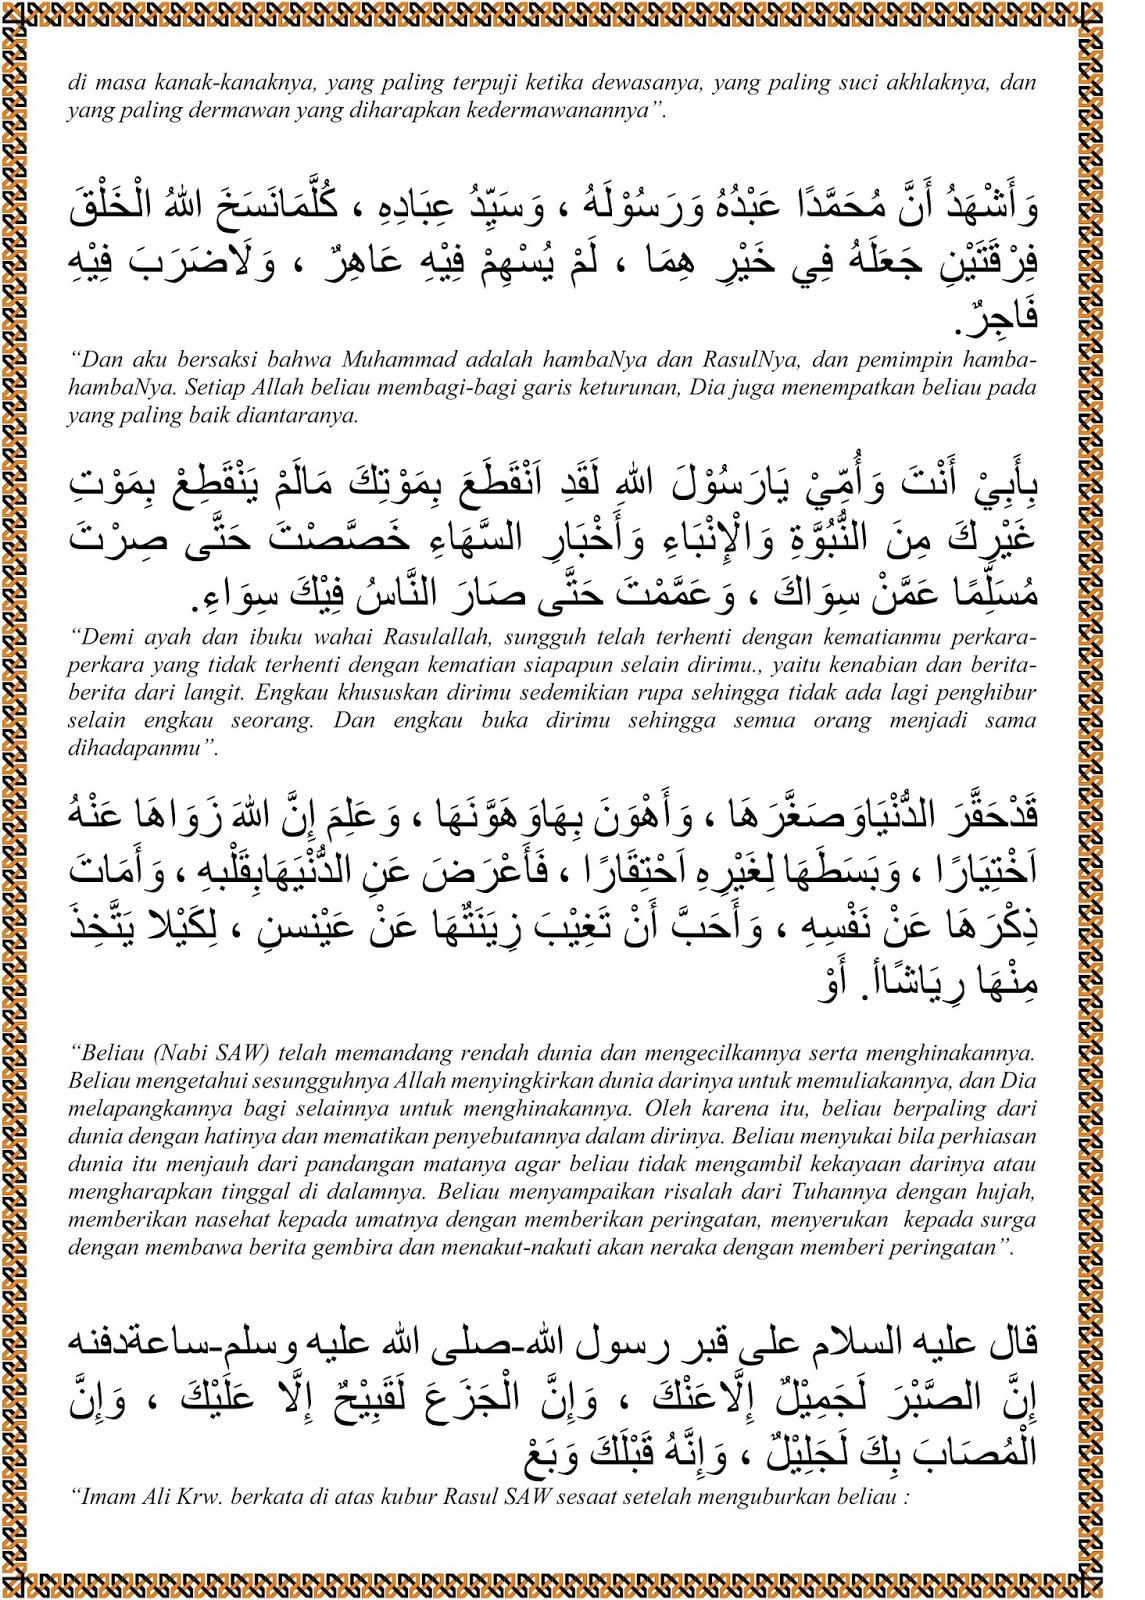 ucapan 40 hari orang meninggal islam   nusagates